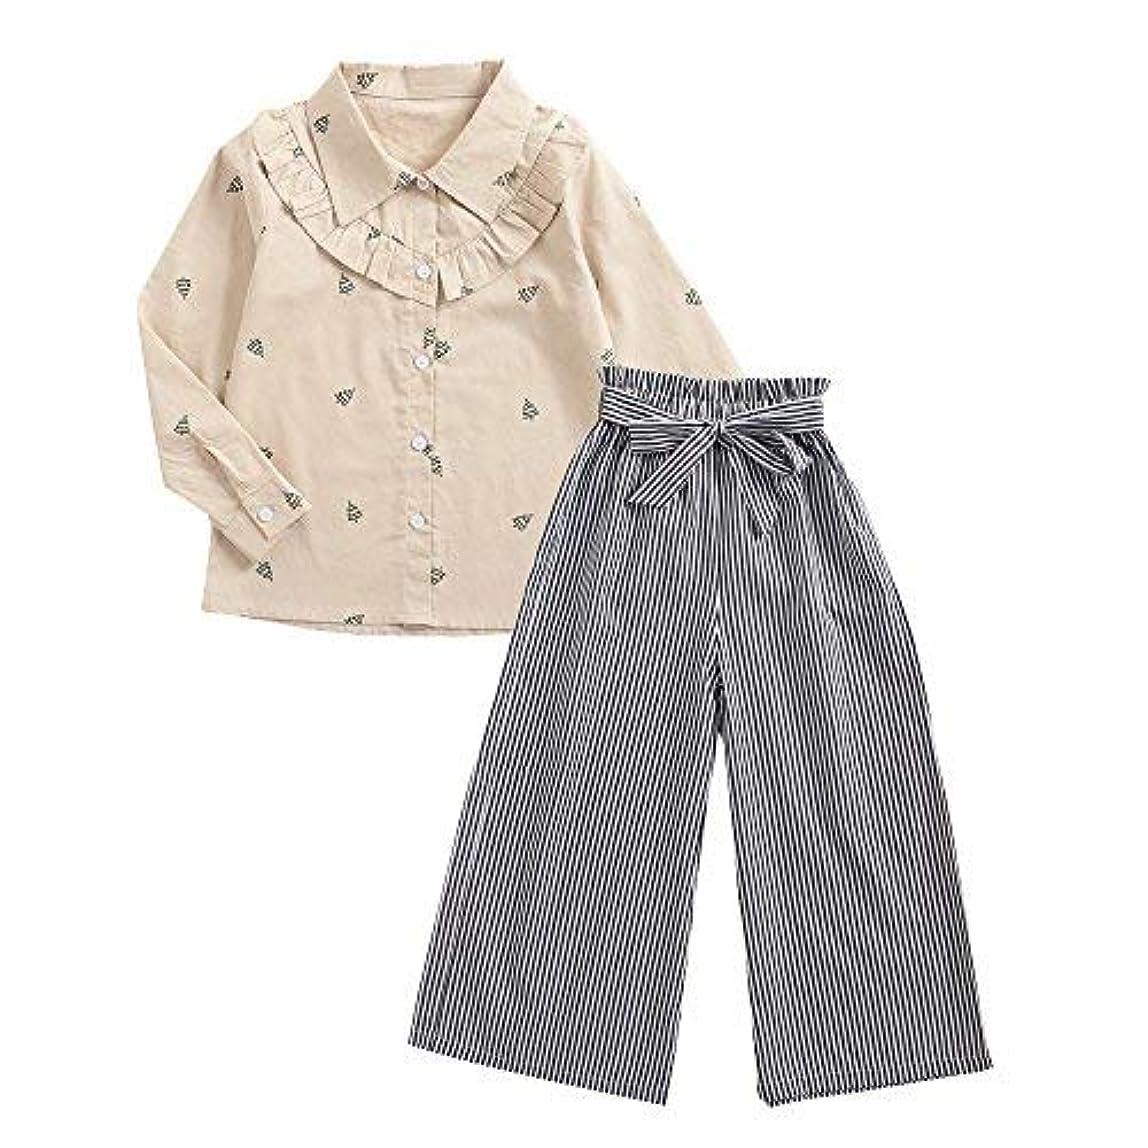 データベース休憩誓うqighaima ラッフル 女の子 セット ファッション ストライプ パンツ+トップ バンドル 柔らかい コスチューム Tシャツ+パンツ